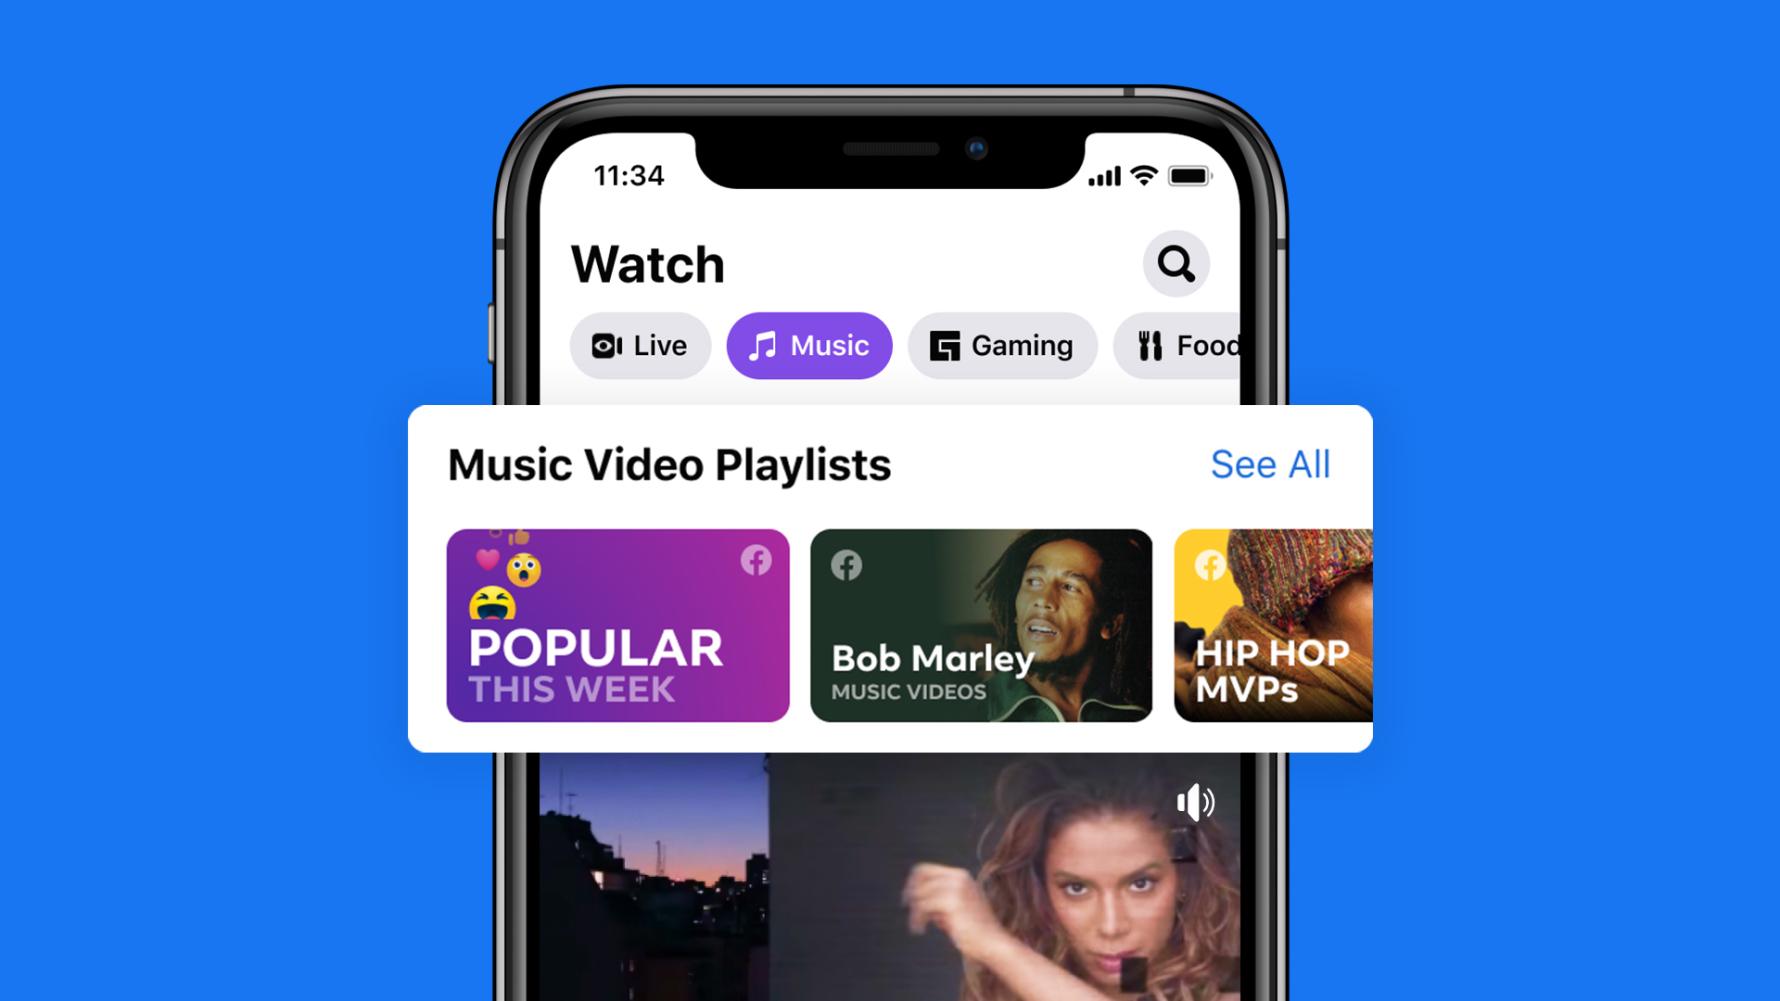 ARエフェクトなどの活用で双方向の交流!Facebook公式ミュージックビデオ機能が公開。